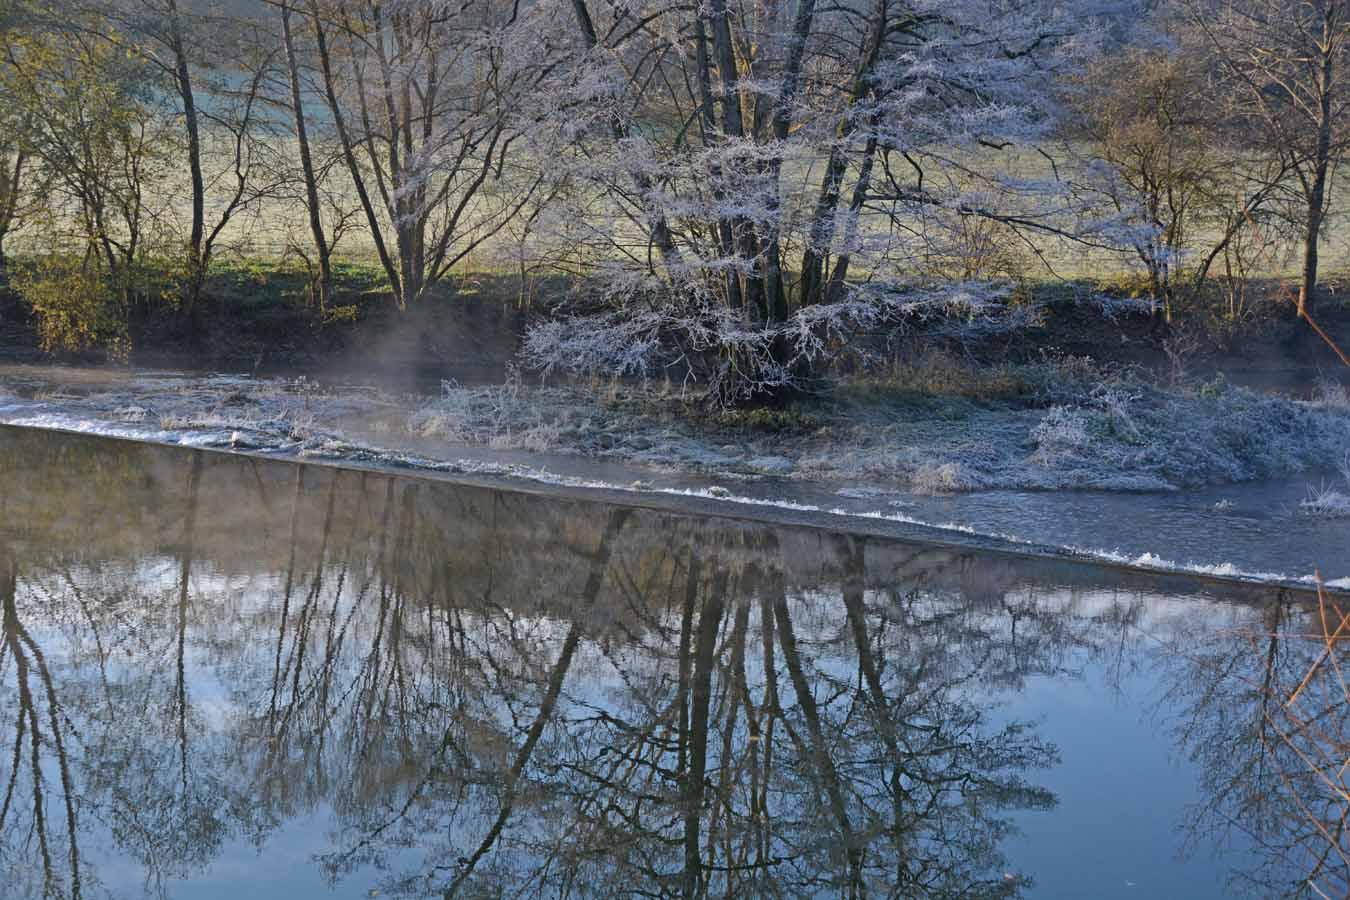 En longeant la rivière...